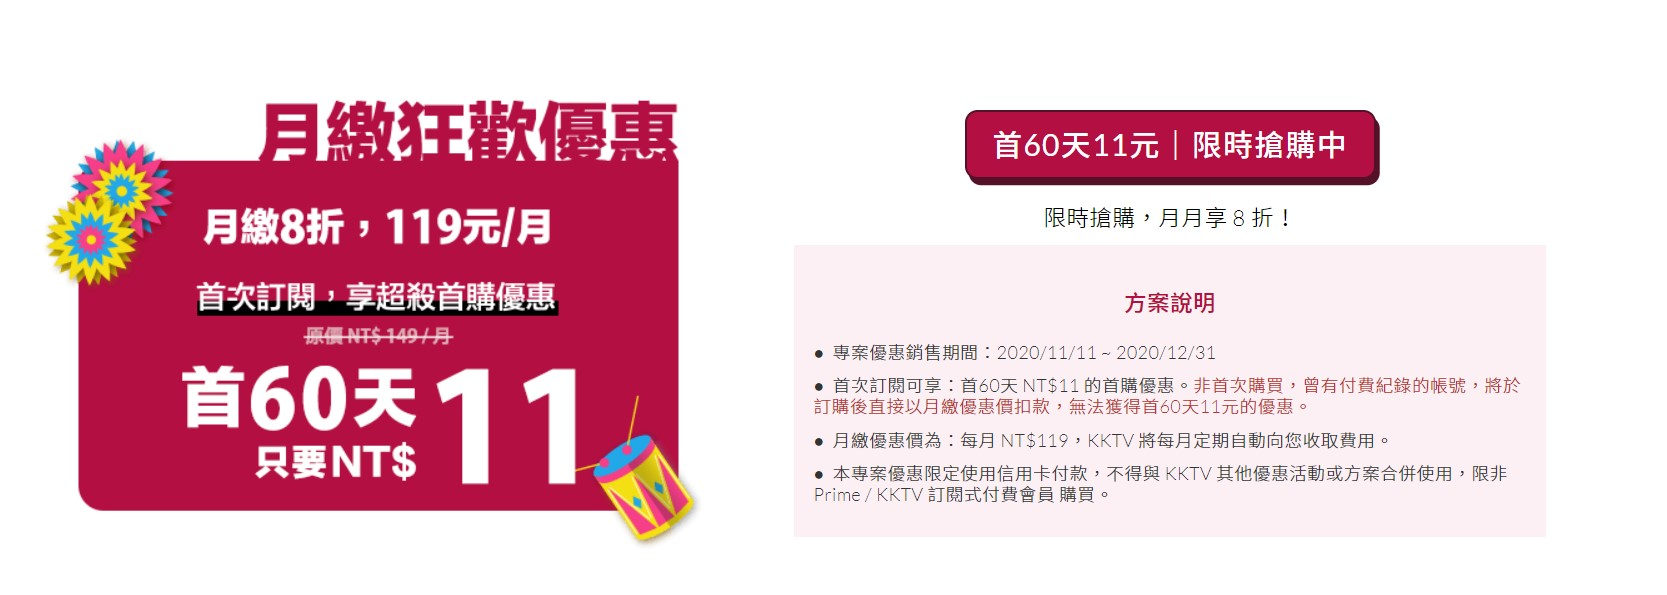 雙 11 追劇延續 KKTV 首次訂閱 60 天只要 11 元!KKBOX 提供哪些服務?各 OTT 平臺優勢在哪? - CP值